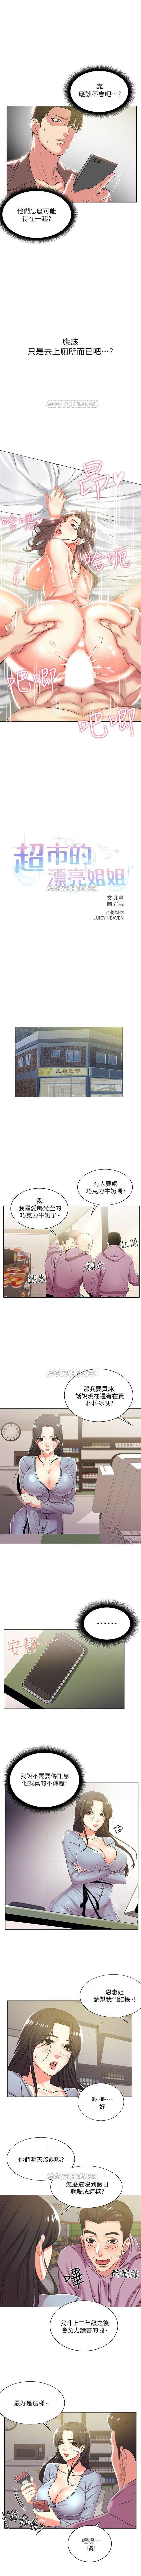 (週3)超市的漂亮姐姐 1-22 中文翻譯(更新中) 70